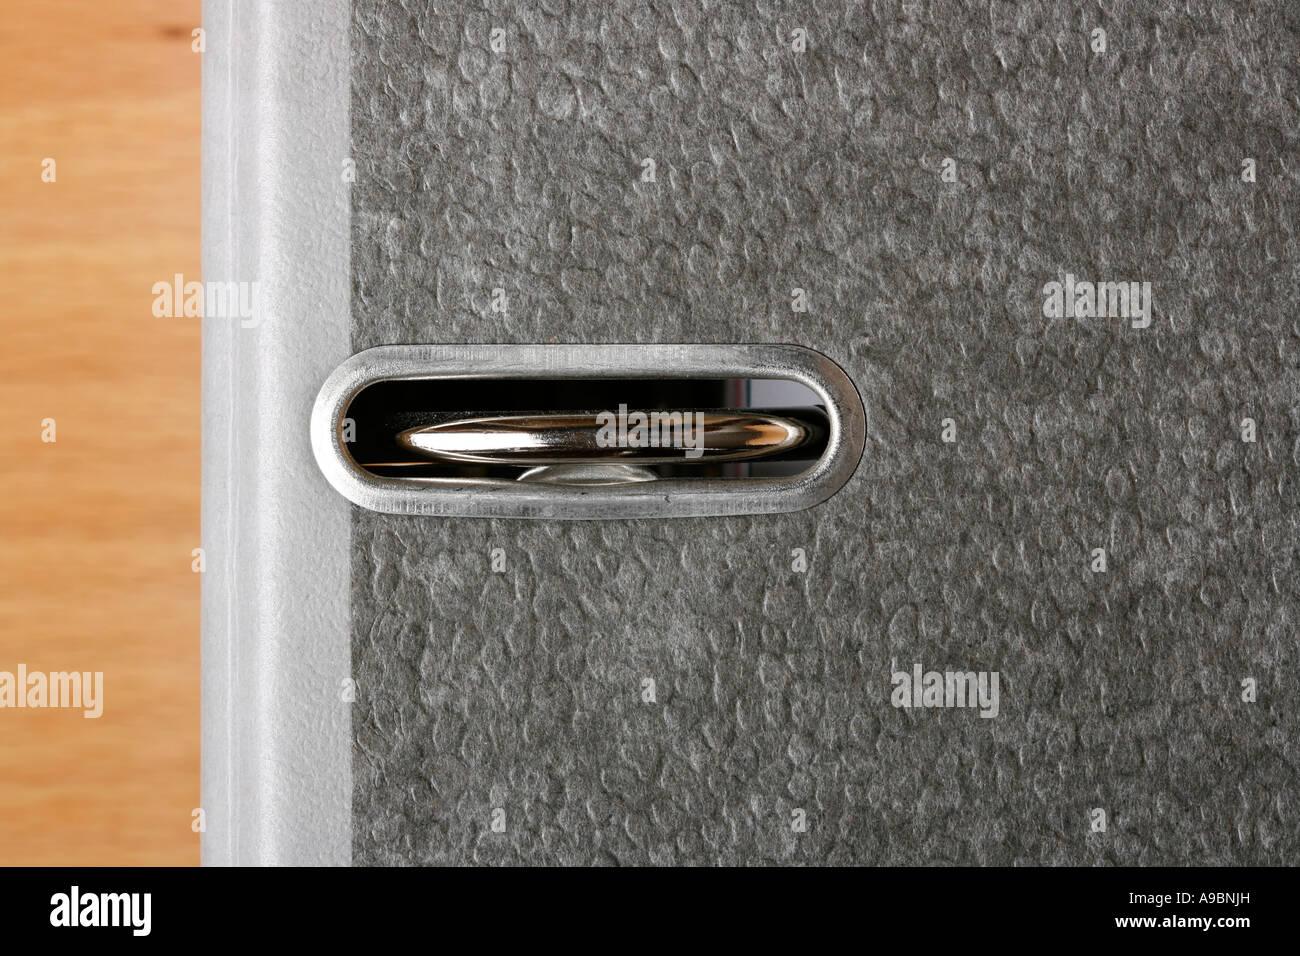 Cerca de un ring binder llena de archivos organizados Imagen De Stock